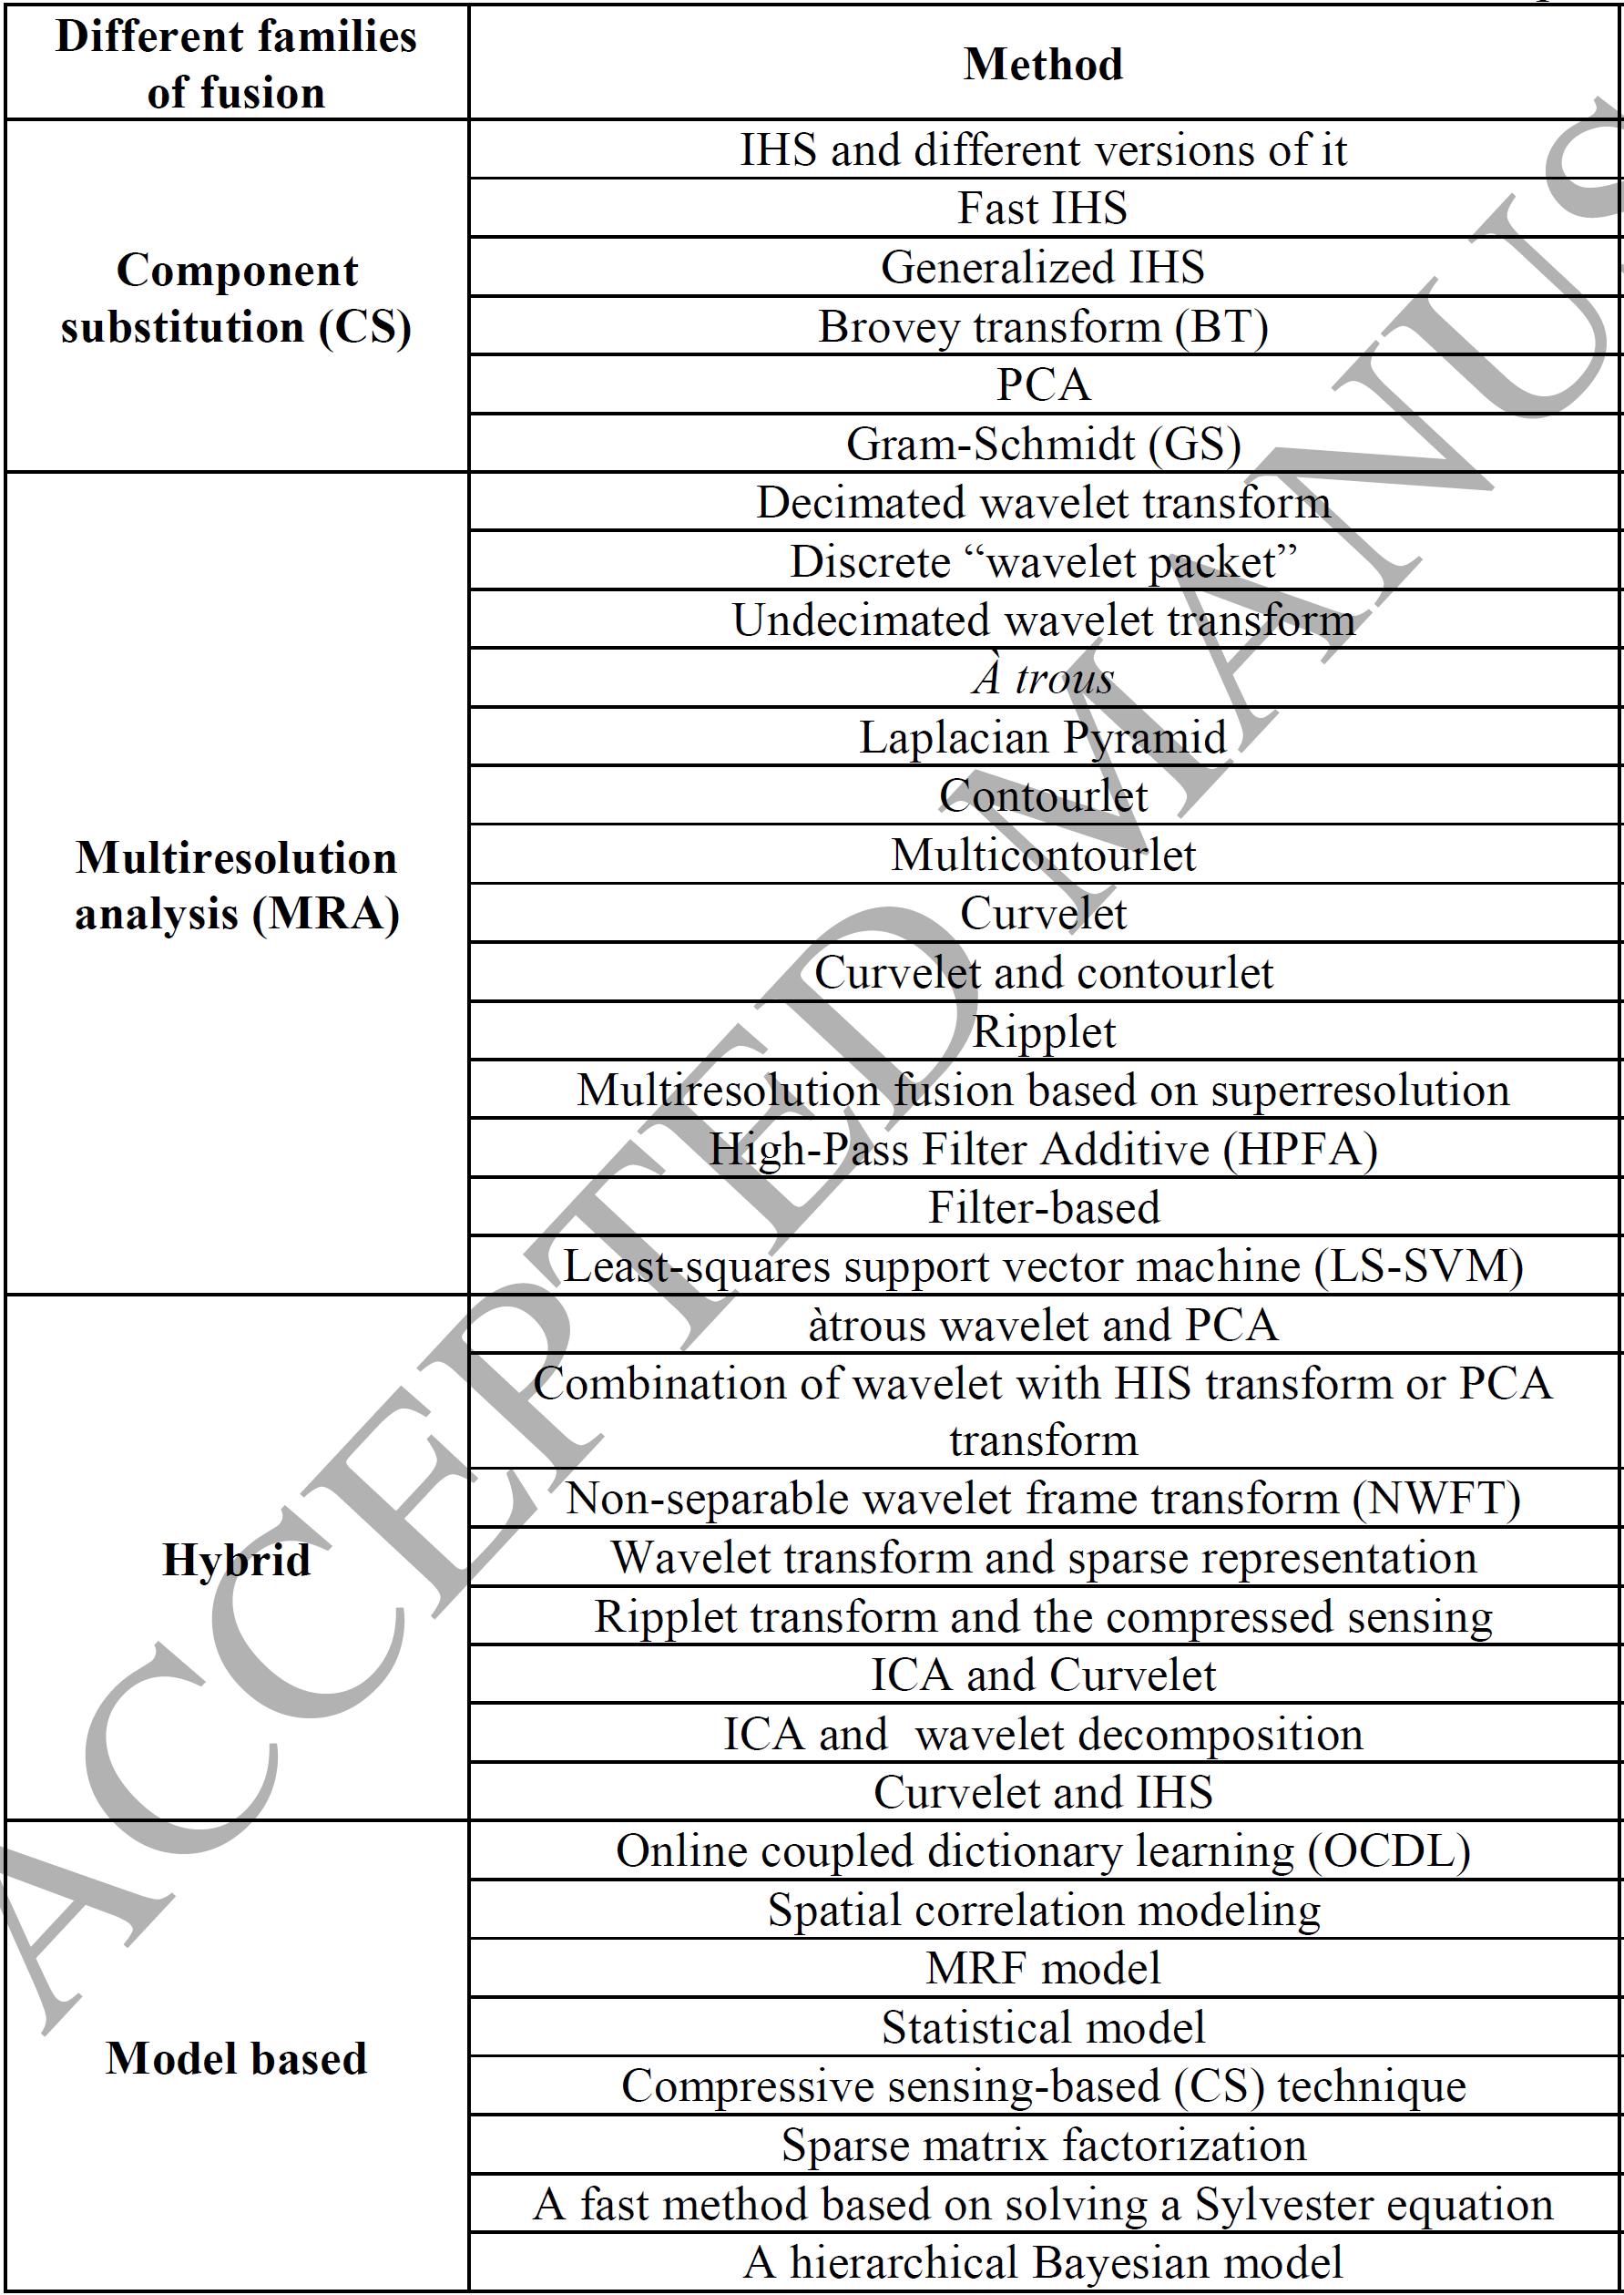 روش های مختلف فیوژن در سطح ویژگی